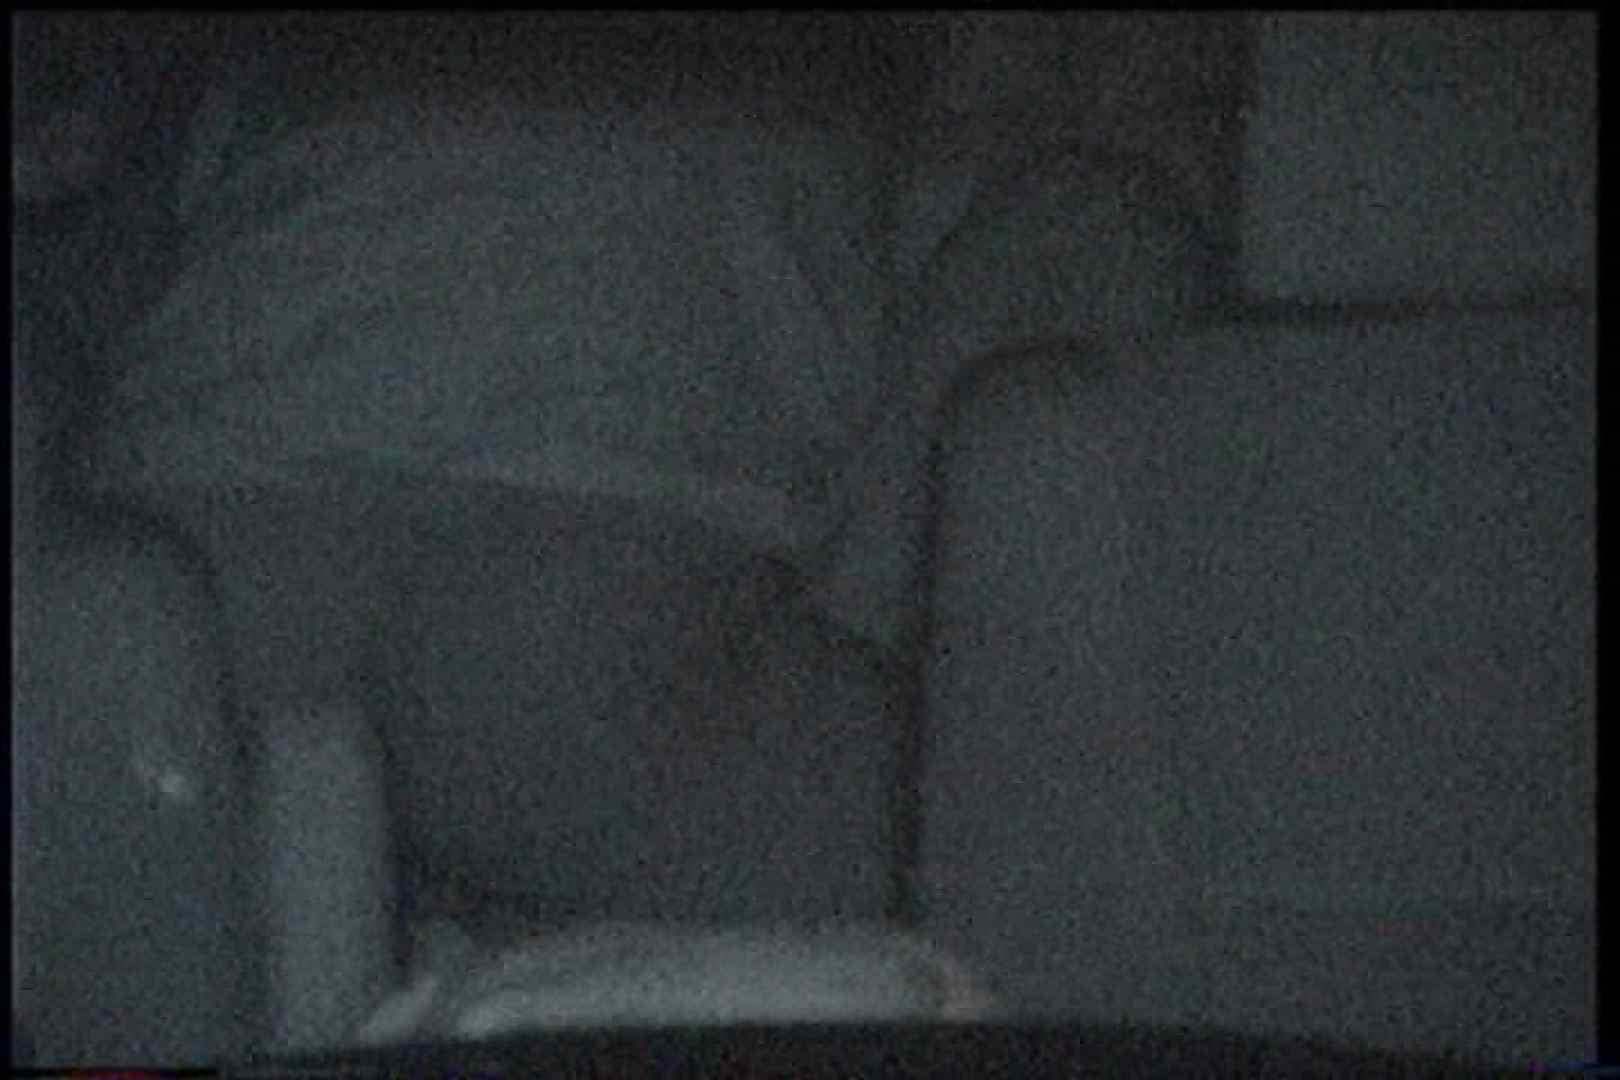 充血監督の深夜の運動会Vol.181 OLセックス 盗撮オマンコ無修正動画無料 84画像 47